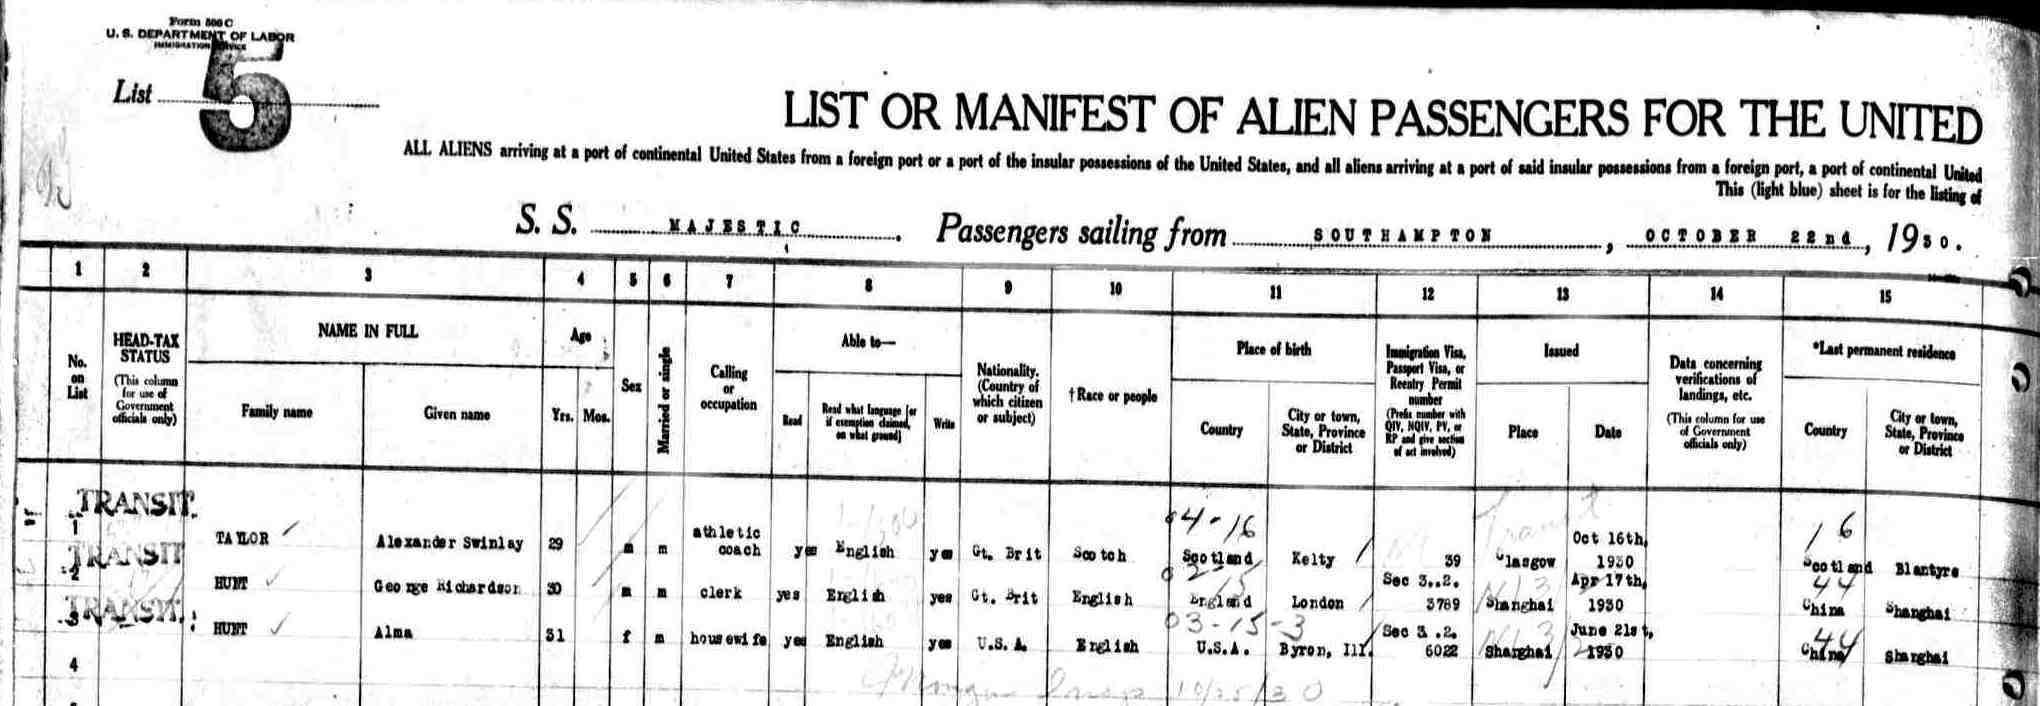 passenger manifest document detail left side